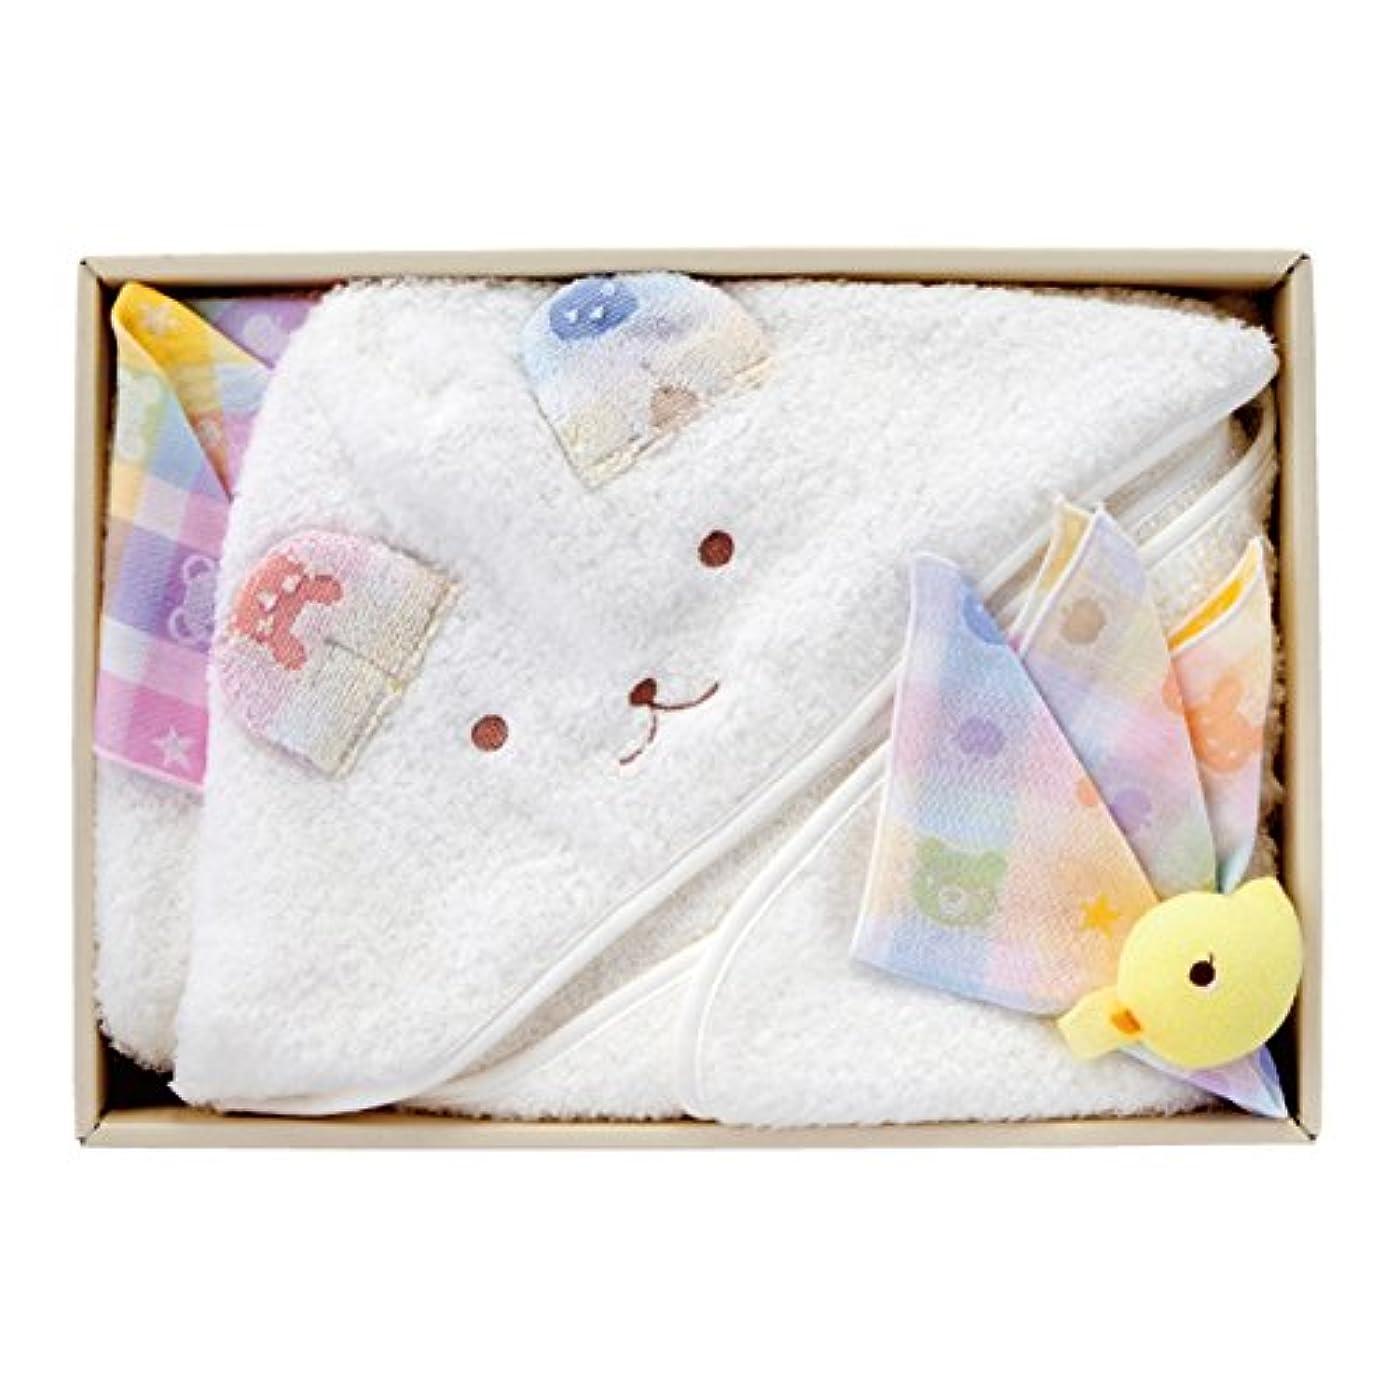 ほうきピースファン赤ちゃんの城 ギフトセット カラフル バスタオルローブ オフホワイト